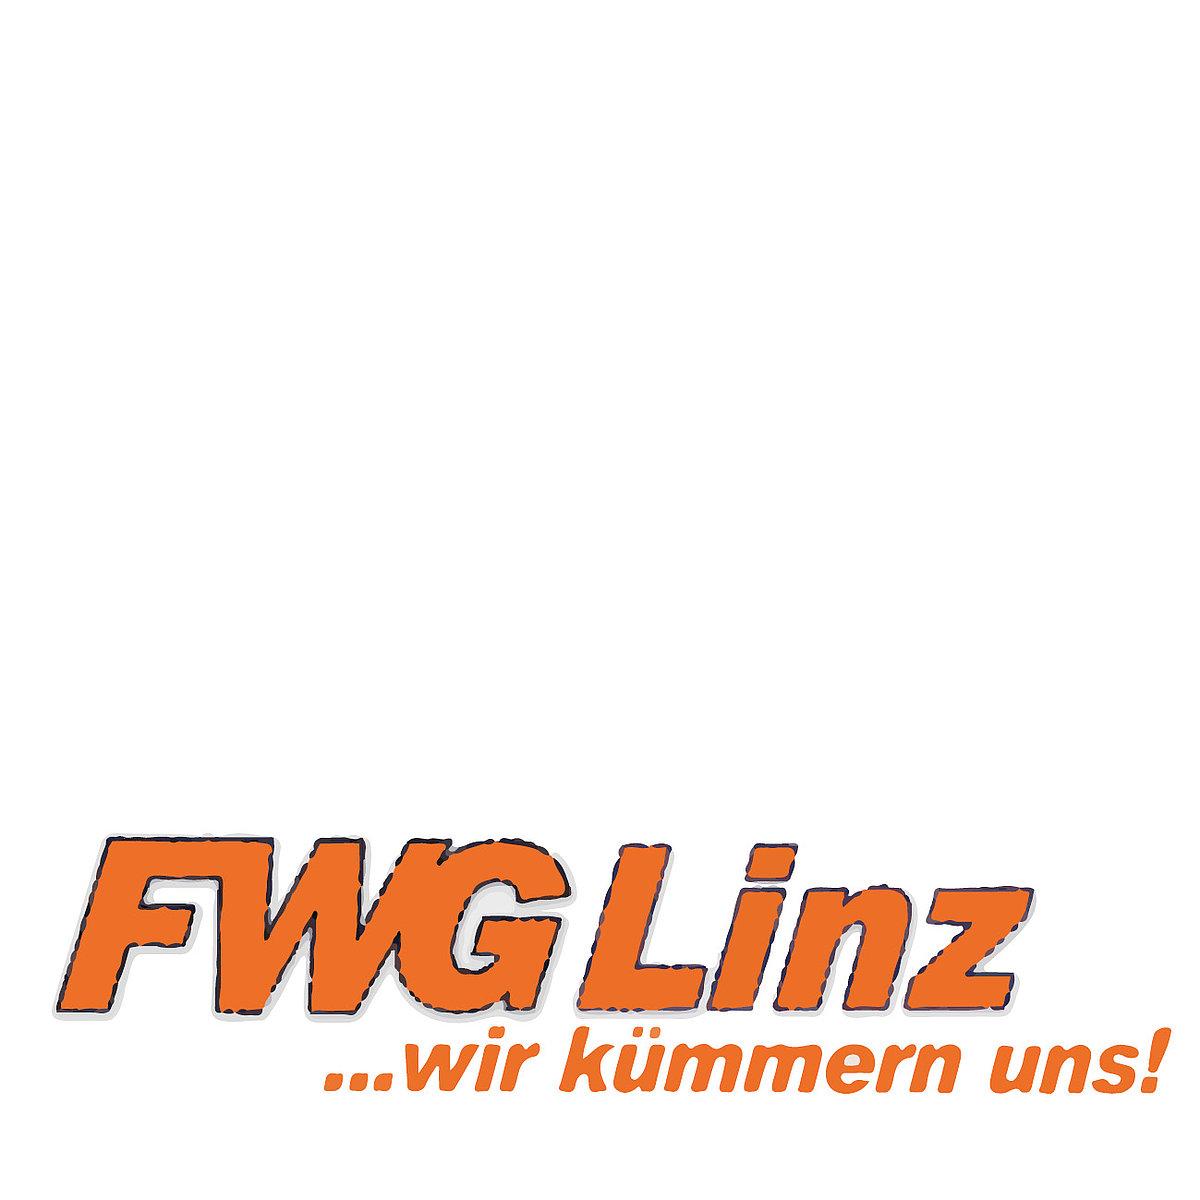 FWG Linz